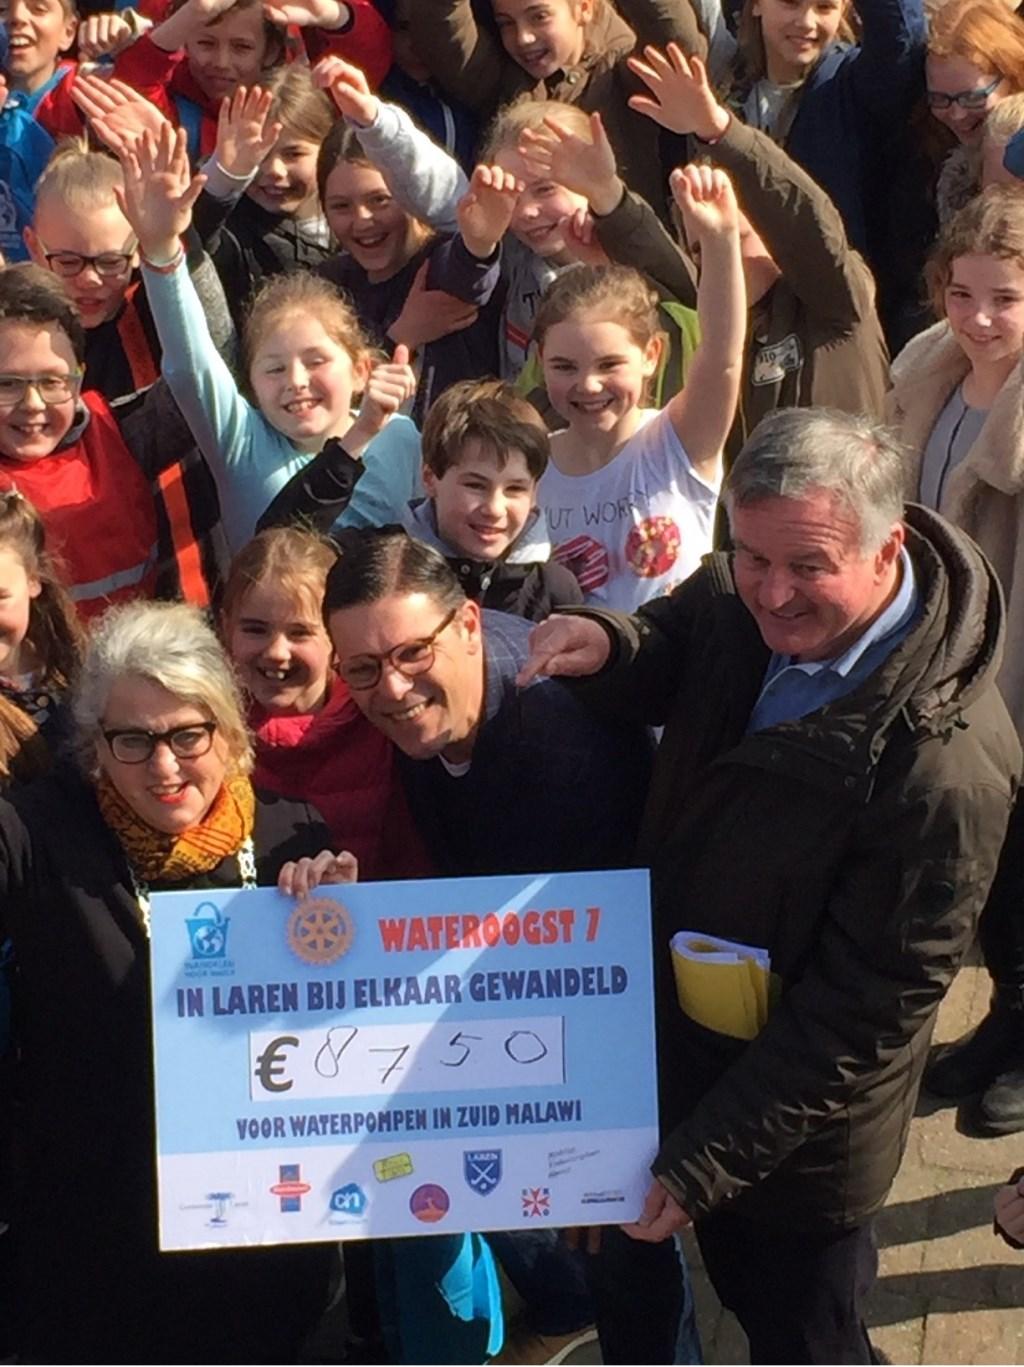 De cheque met het opgehaalde bedrag van 8.750 euro. Foto: Rotary © Enter Media